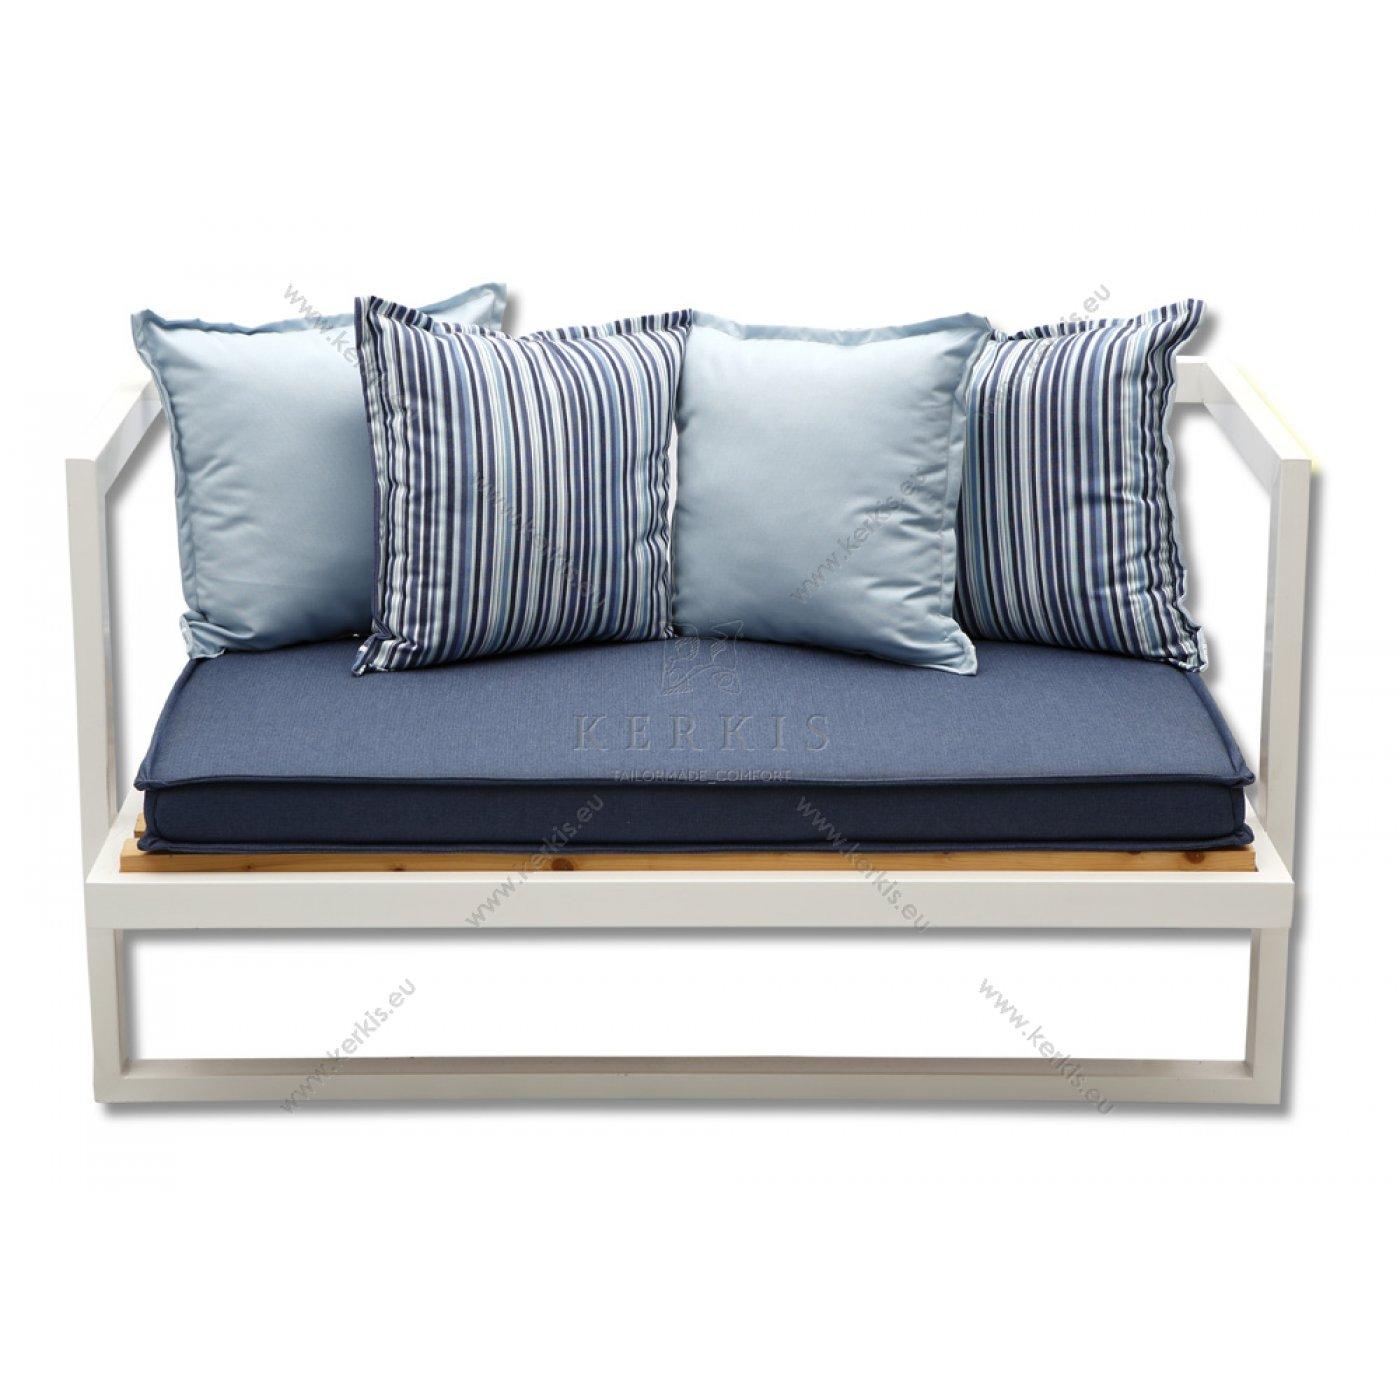 Μαξιλάρια καναπέ με διακοσμητικό σουπλά περιμετρικά